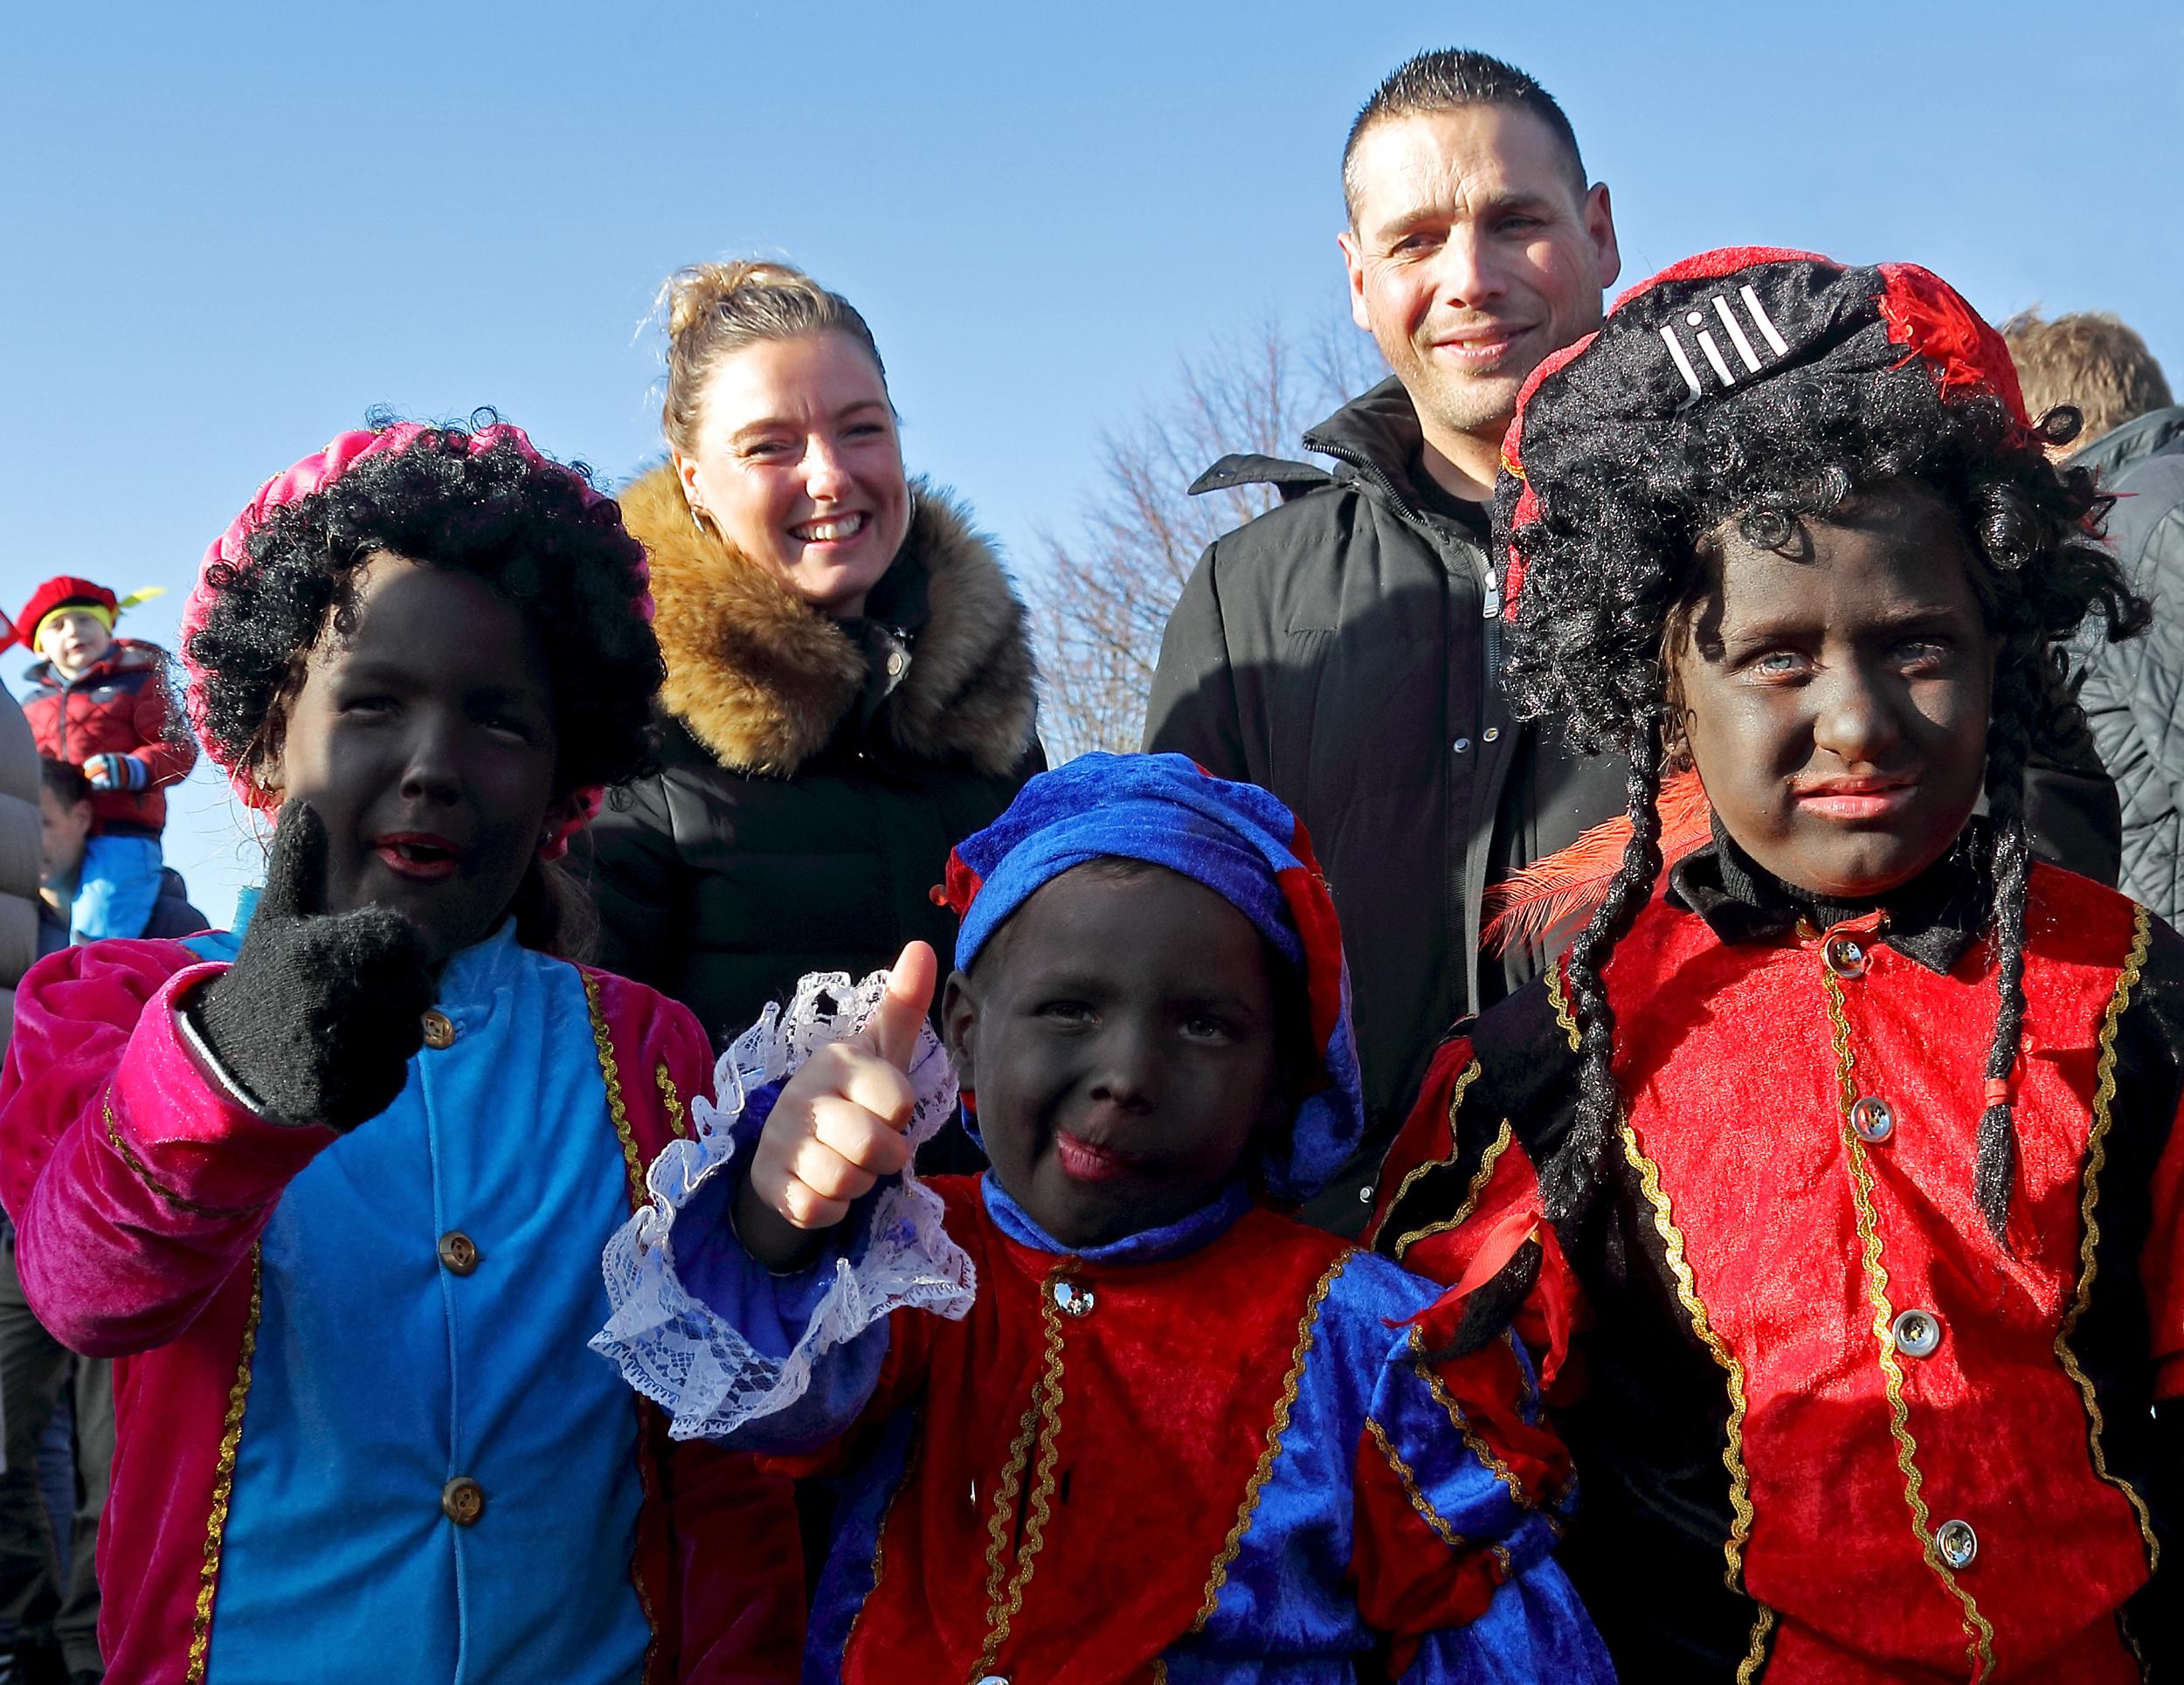 Sinterklaas en zijn pieten werden in Enkhuizen en Bovenkarspel door vele kinderen hartelijk ontvangen. (Foto's Henk Groenewoud) rodi.nl © rodi